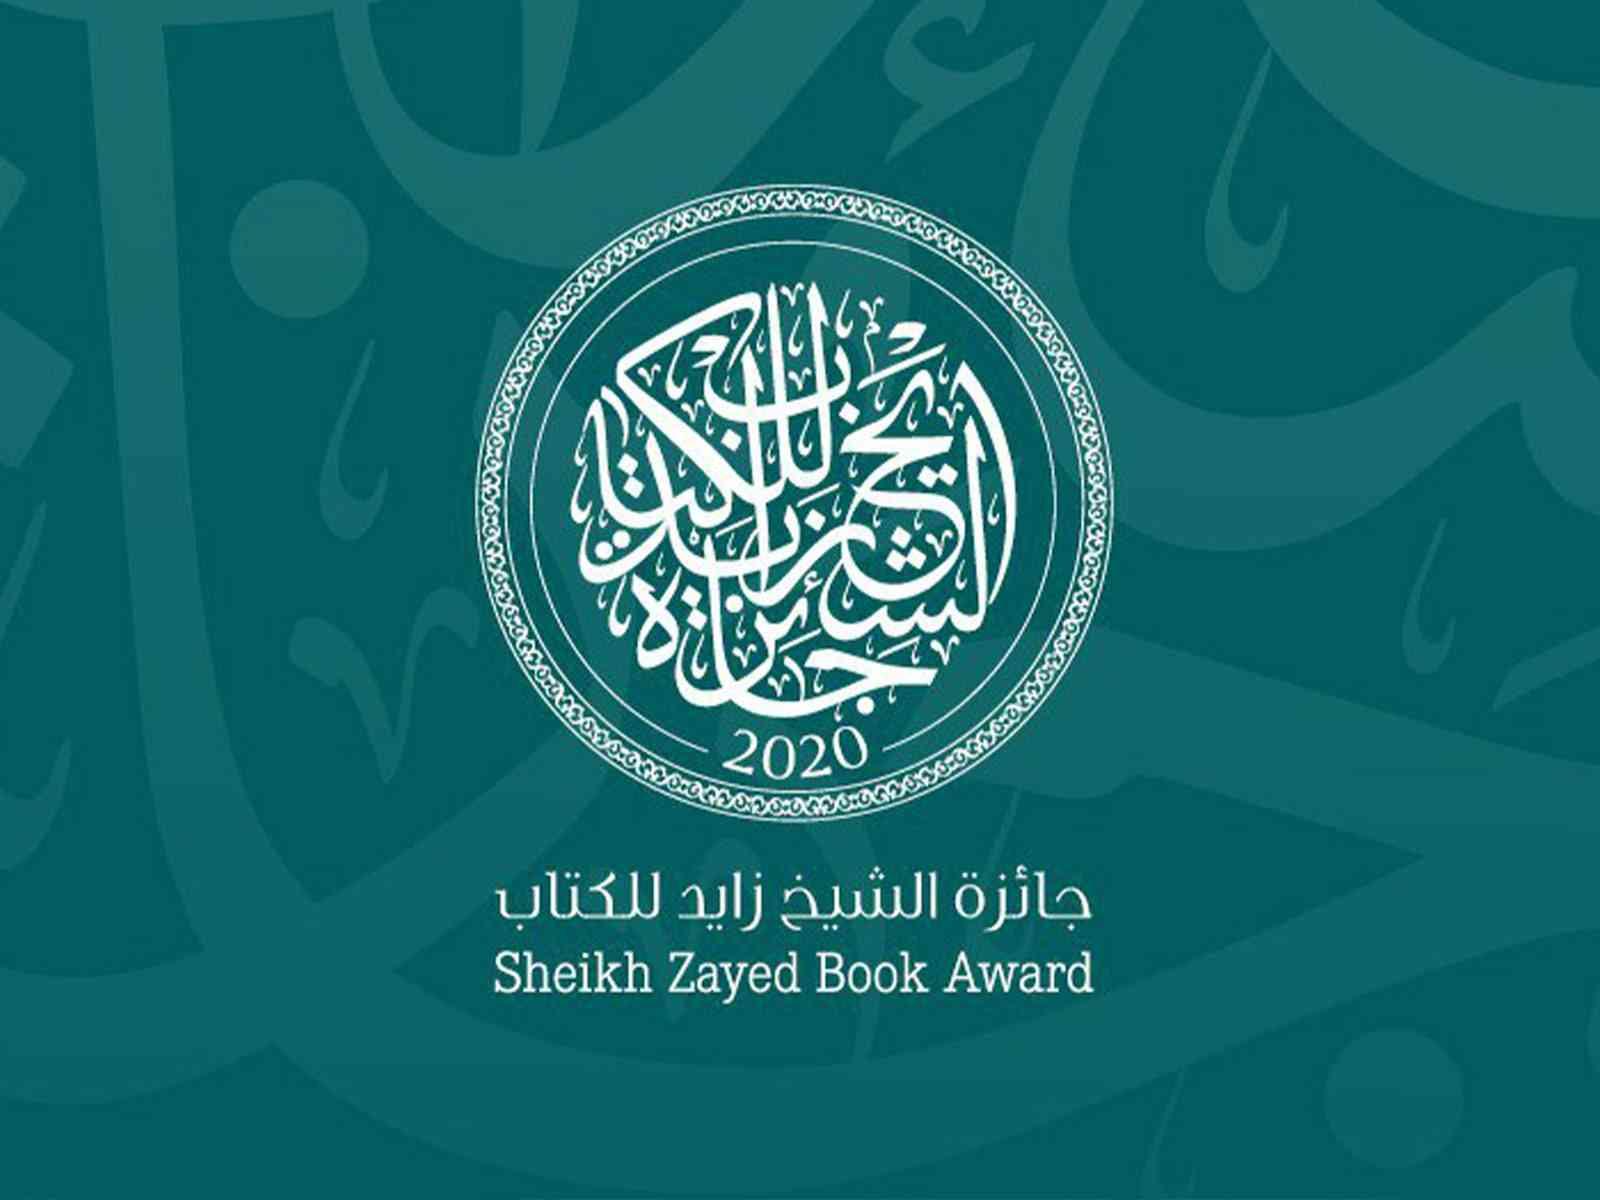 جائزة الشيخ زايد للكتاب تفتح باب الترشح لدورتها الـ 15 عبر